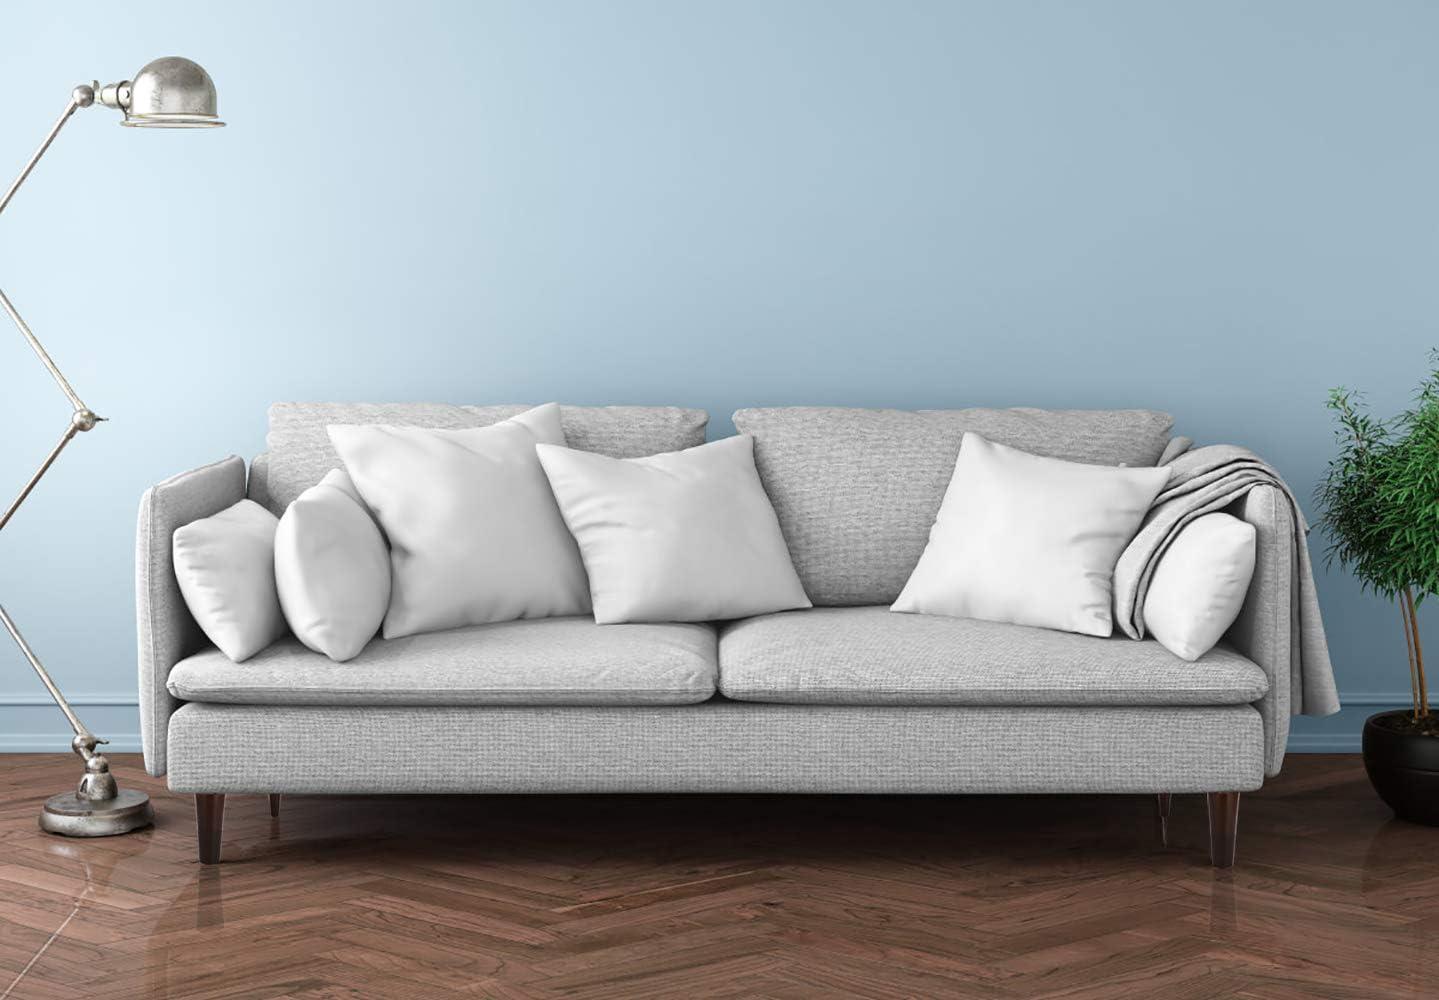 Amazon.com: Patas de madera de 6.0 in para muebles con ...